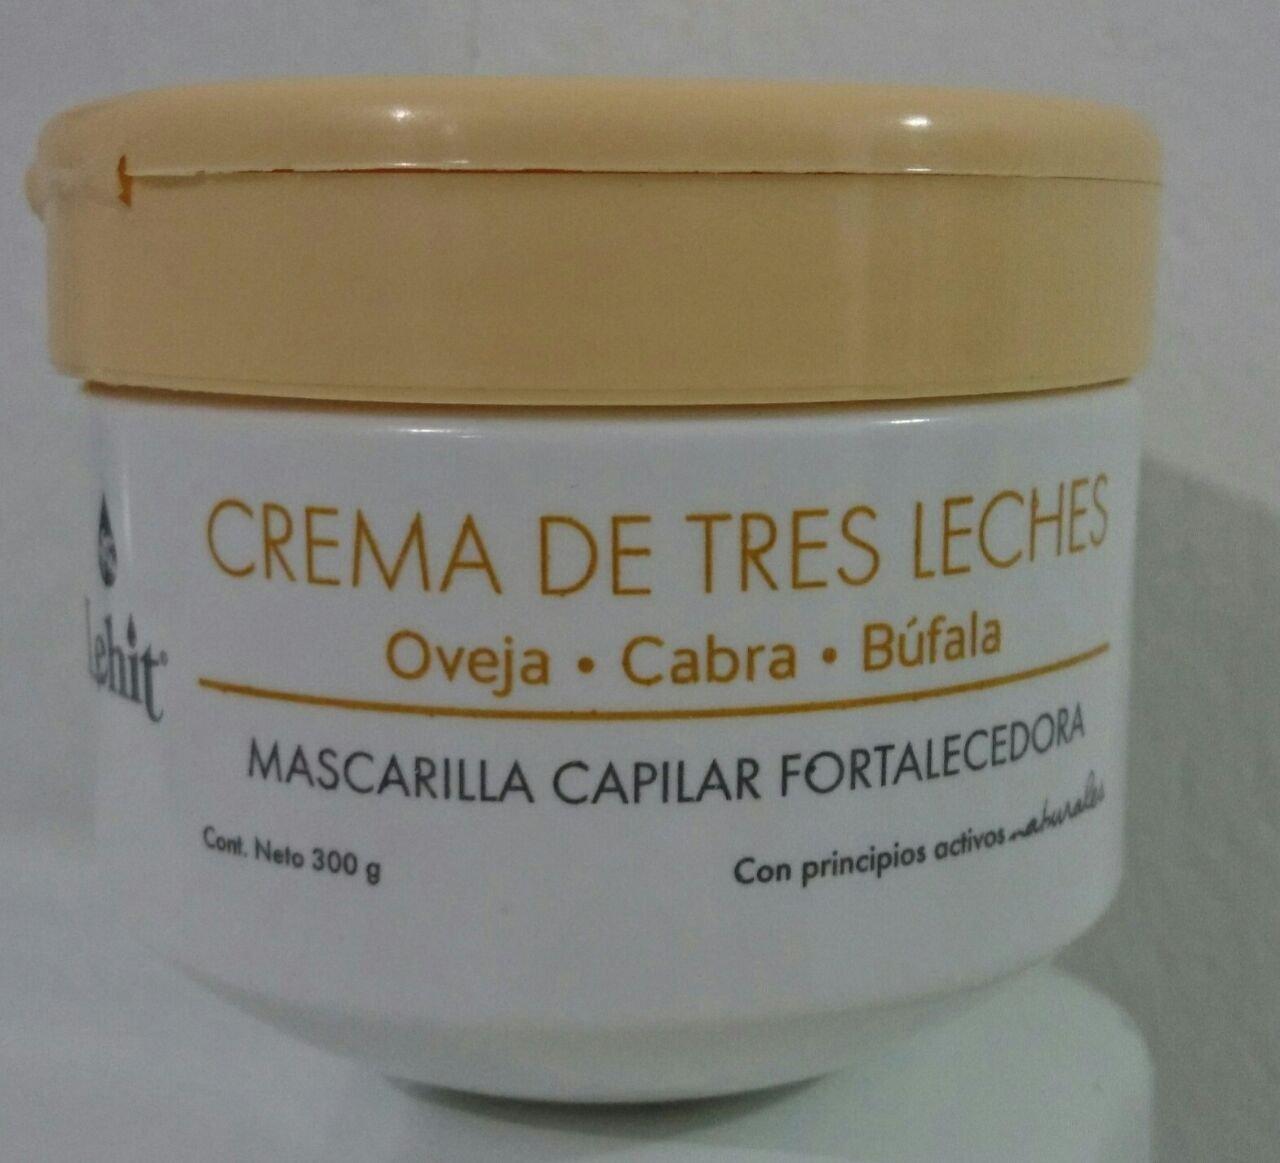 MASCARILLA CAPILAR FORTALECEDORA CREMA DE TRES LECHES - OVEJA, CABRA, BUFALA PARA EL CABELLO